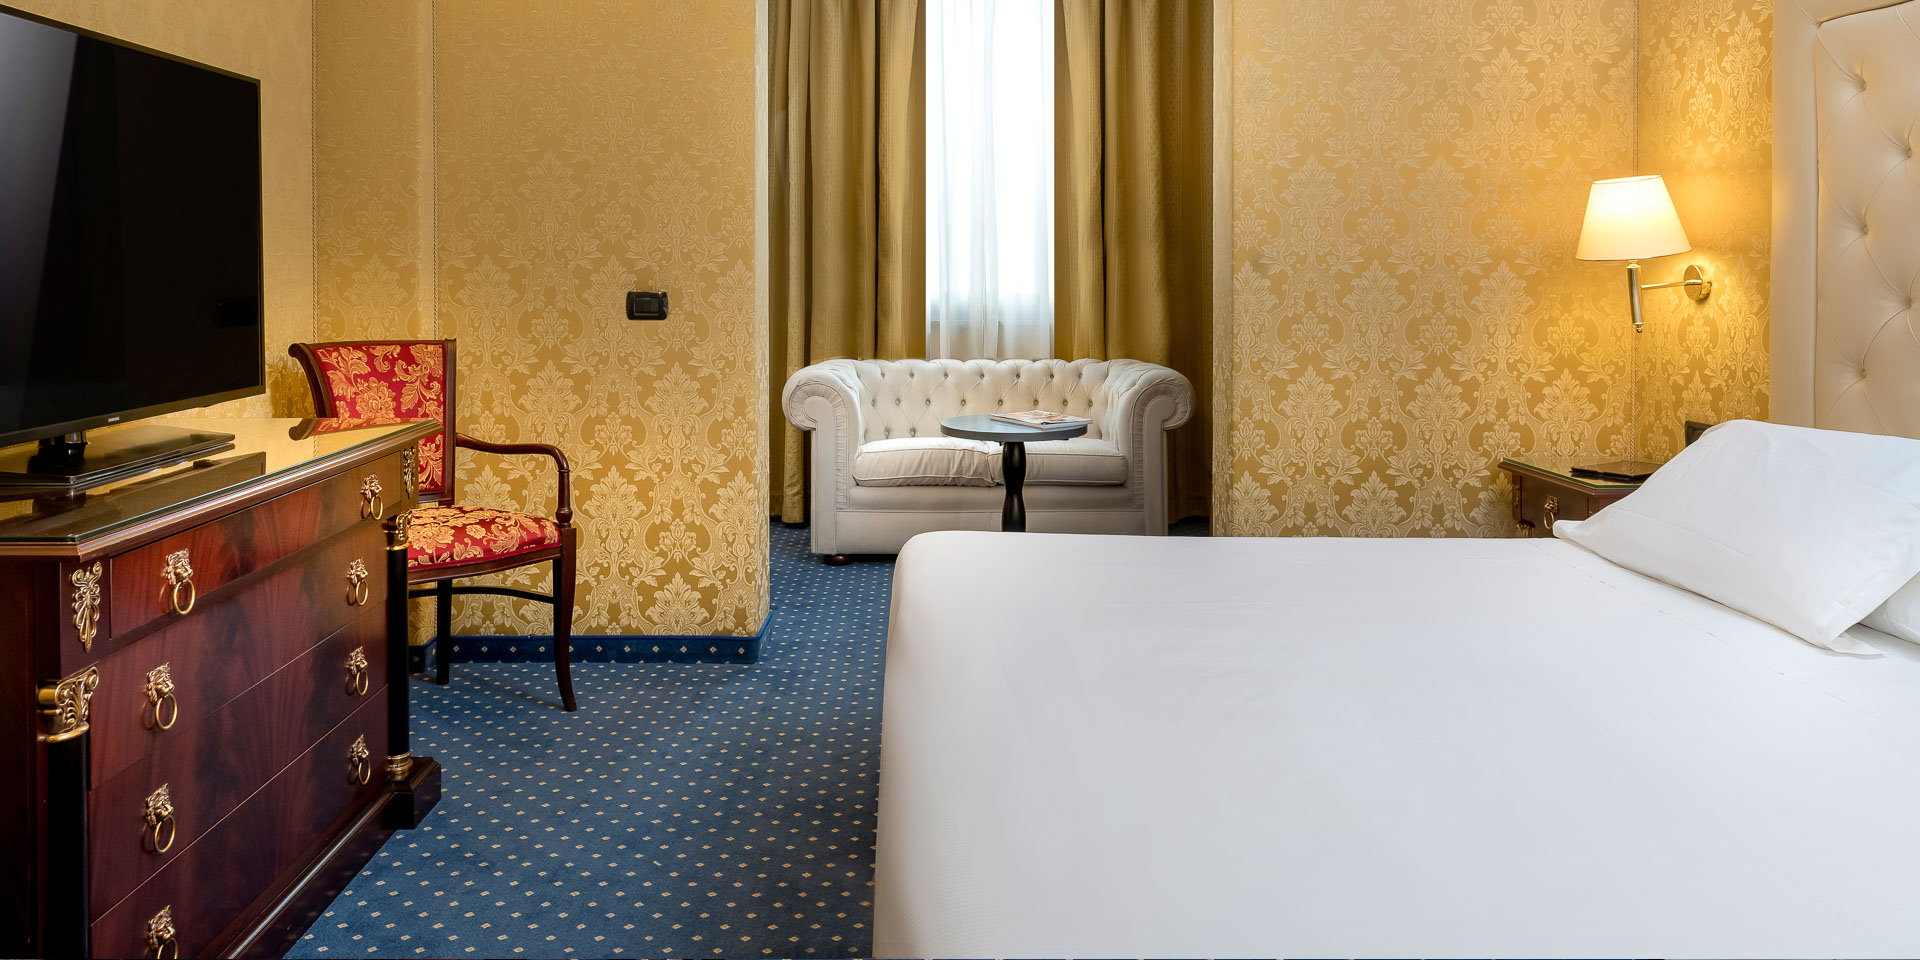 Hotel con suite vicino Aeroporto di Milano Malpensa